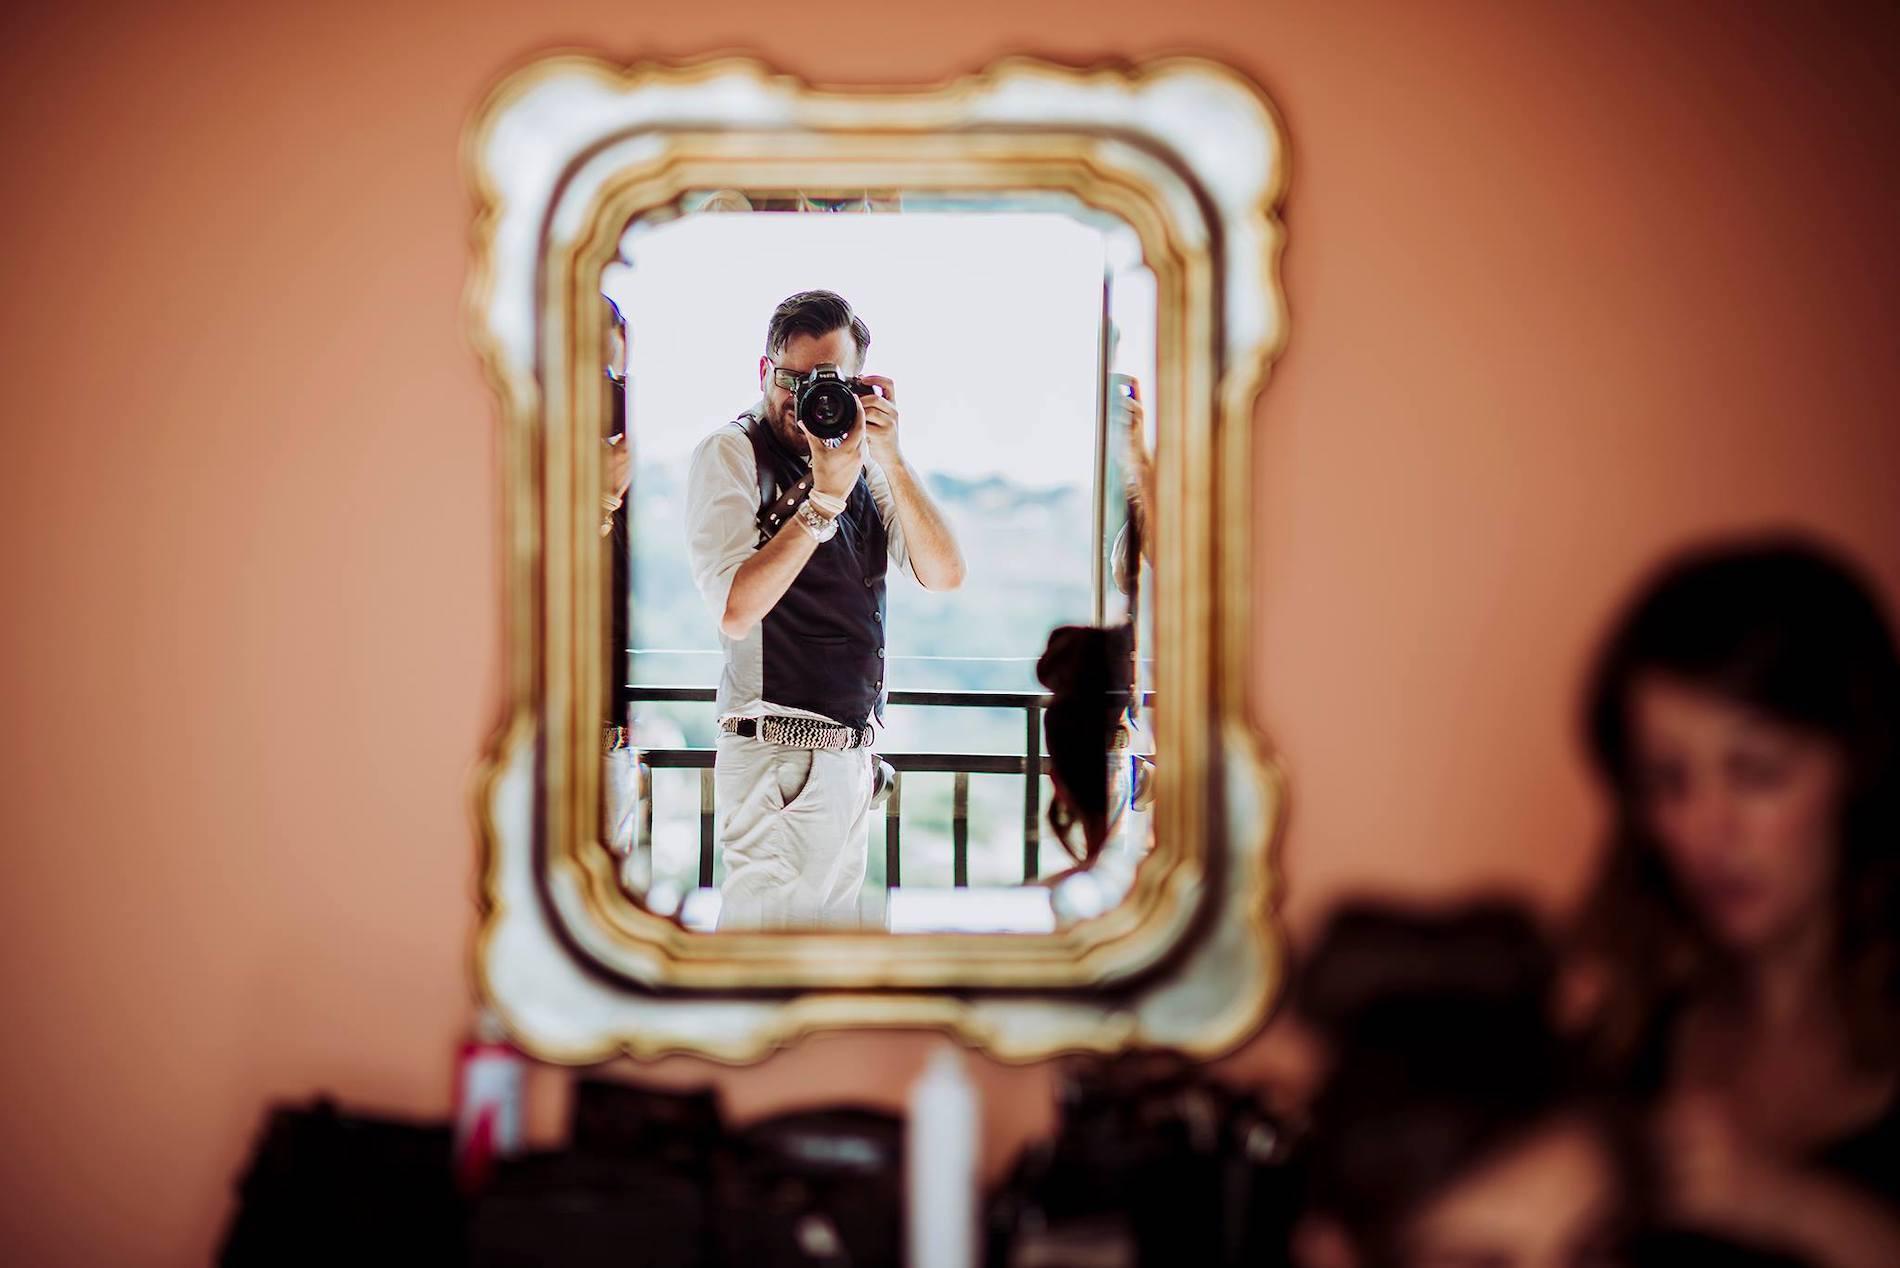 Autorretrato del fotógrafo de bodas de Apulia y Taranto Marco Colonna